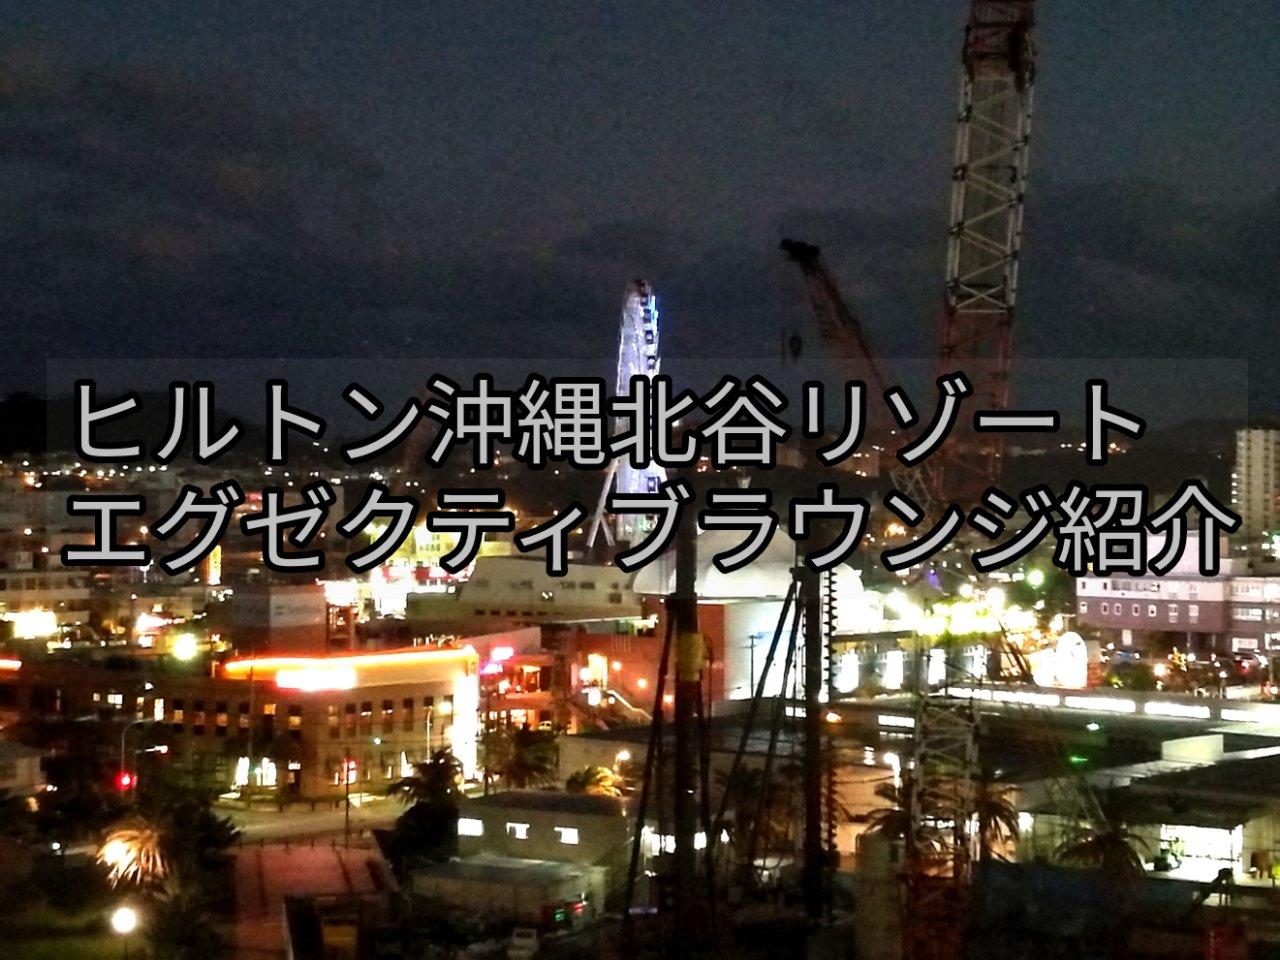 ヒルトン沖縄北谷リゾートエグゼクティブラウンジ紹介